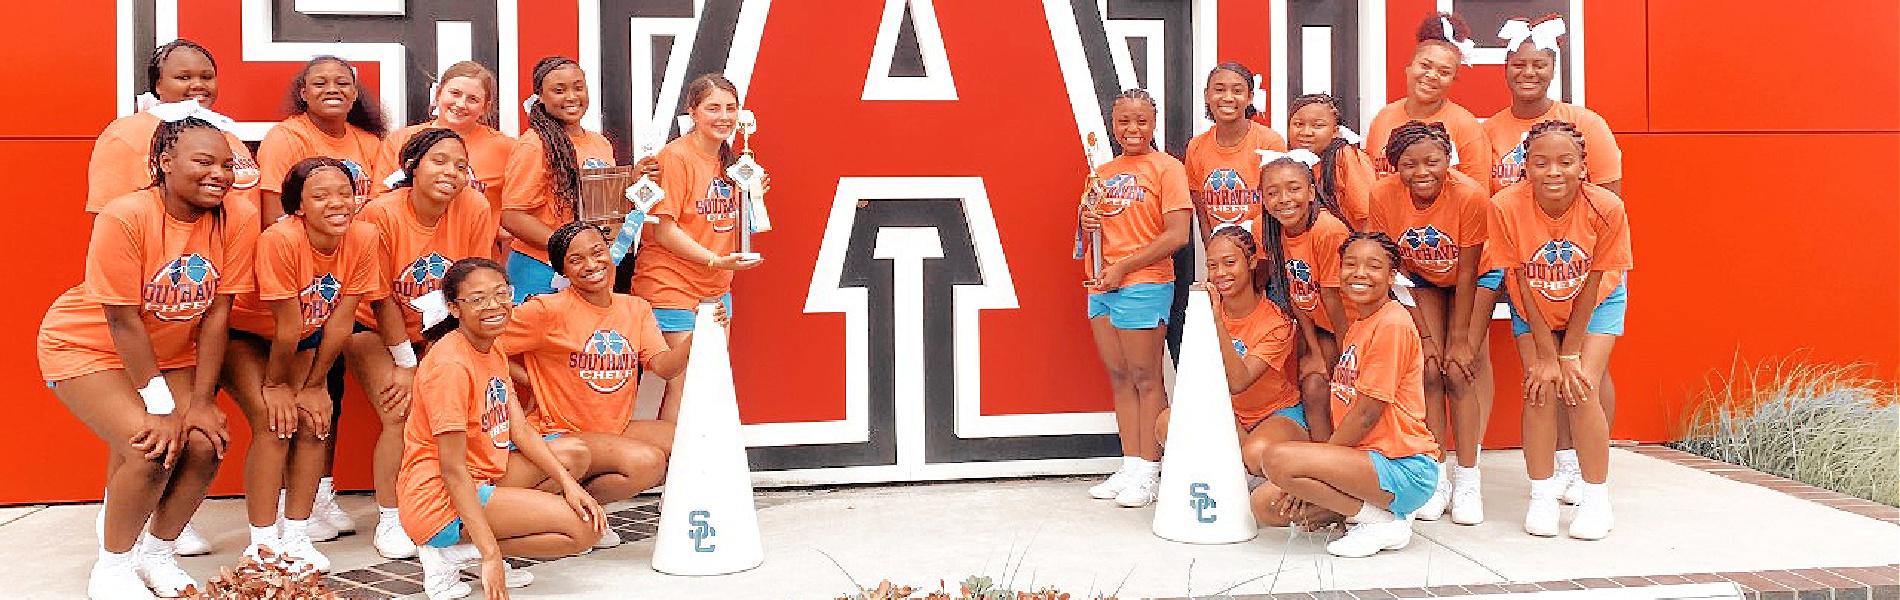 Cheer at Arkansas State Camp